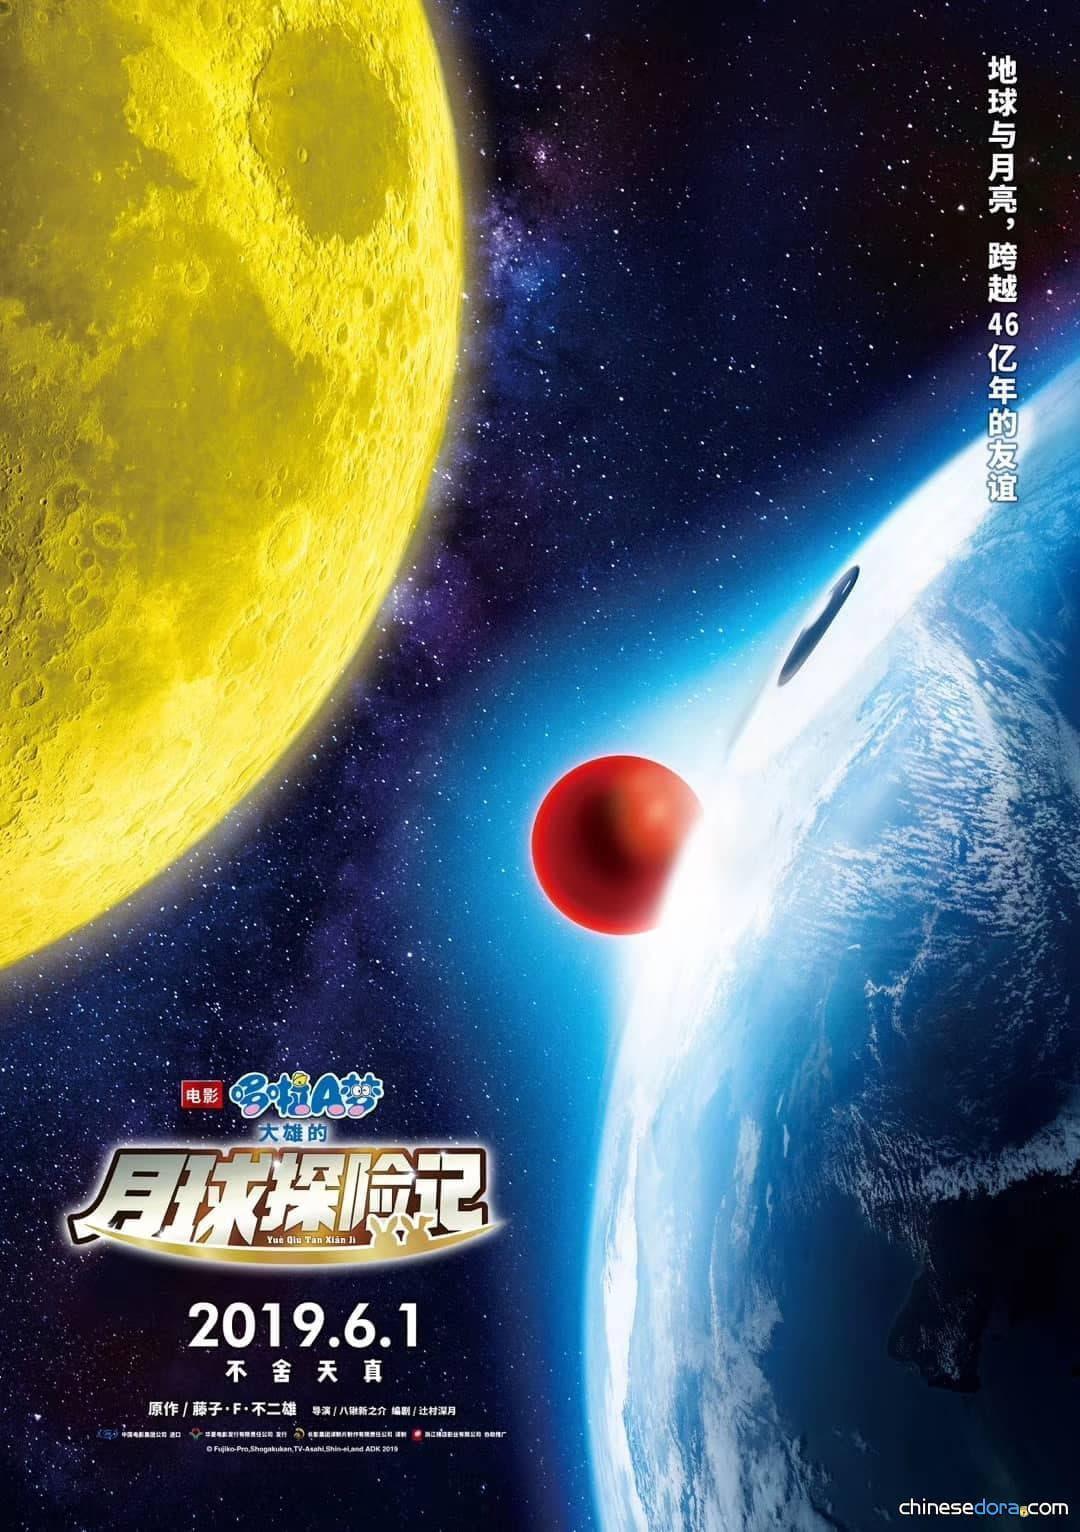 [電影] 《大雄的月球探險記》中國大陸定檔6/1上映 官方海報與首波預告片曝光